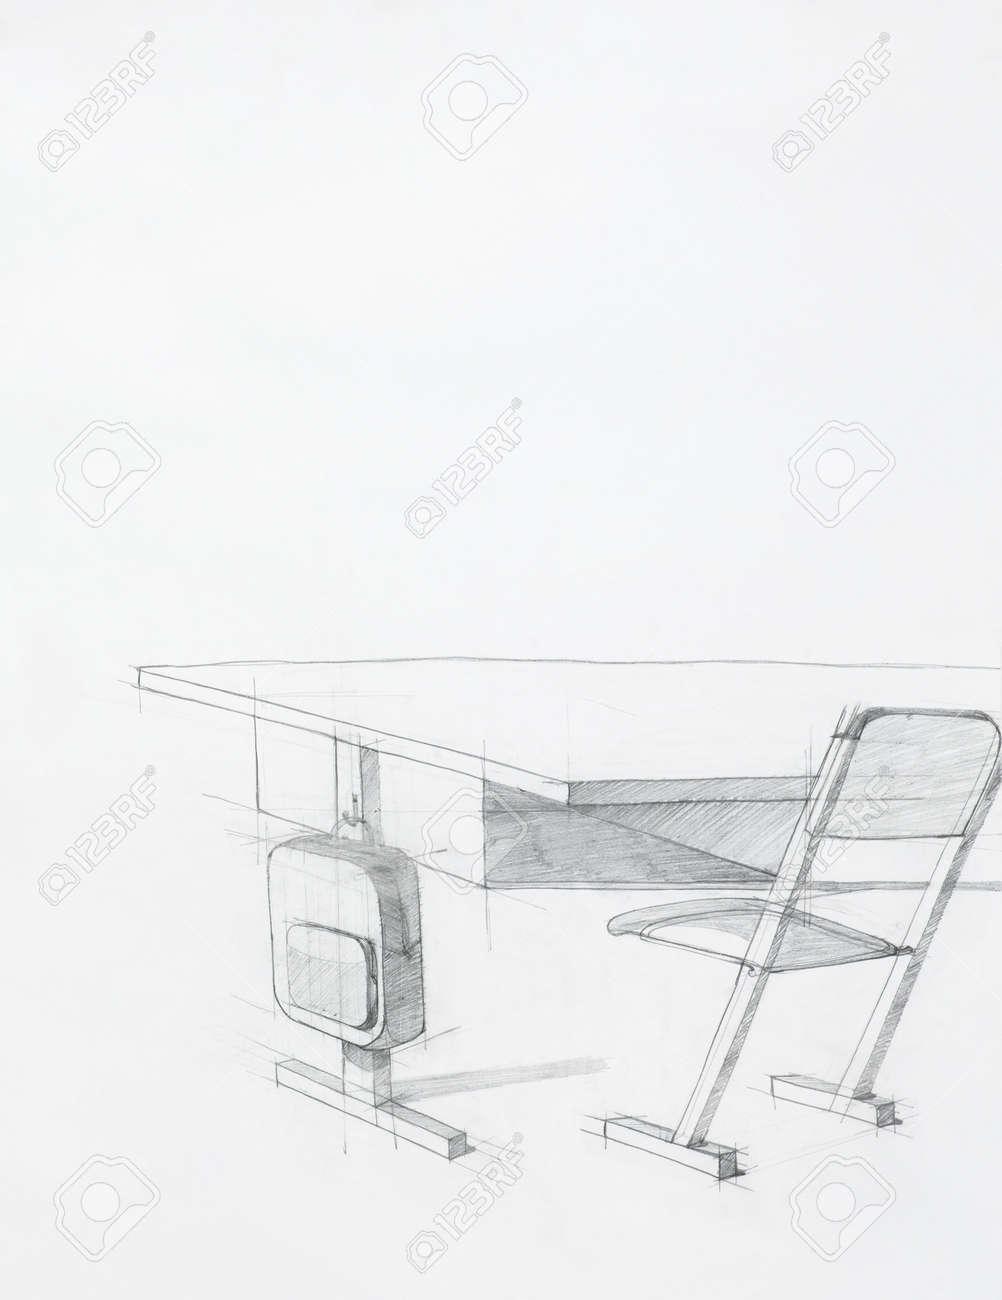 Stuhl gezeichnet  Hand Gezeichnete Skizze Der Schule Schreibtisch Und Stuhl ...